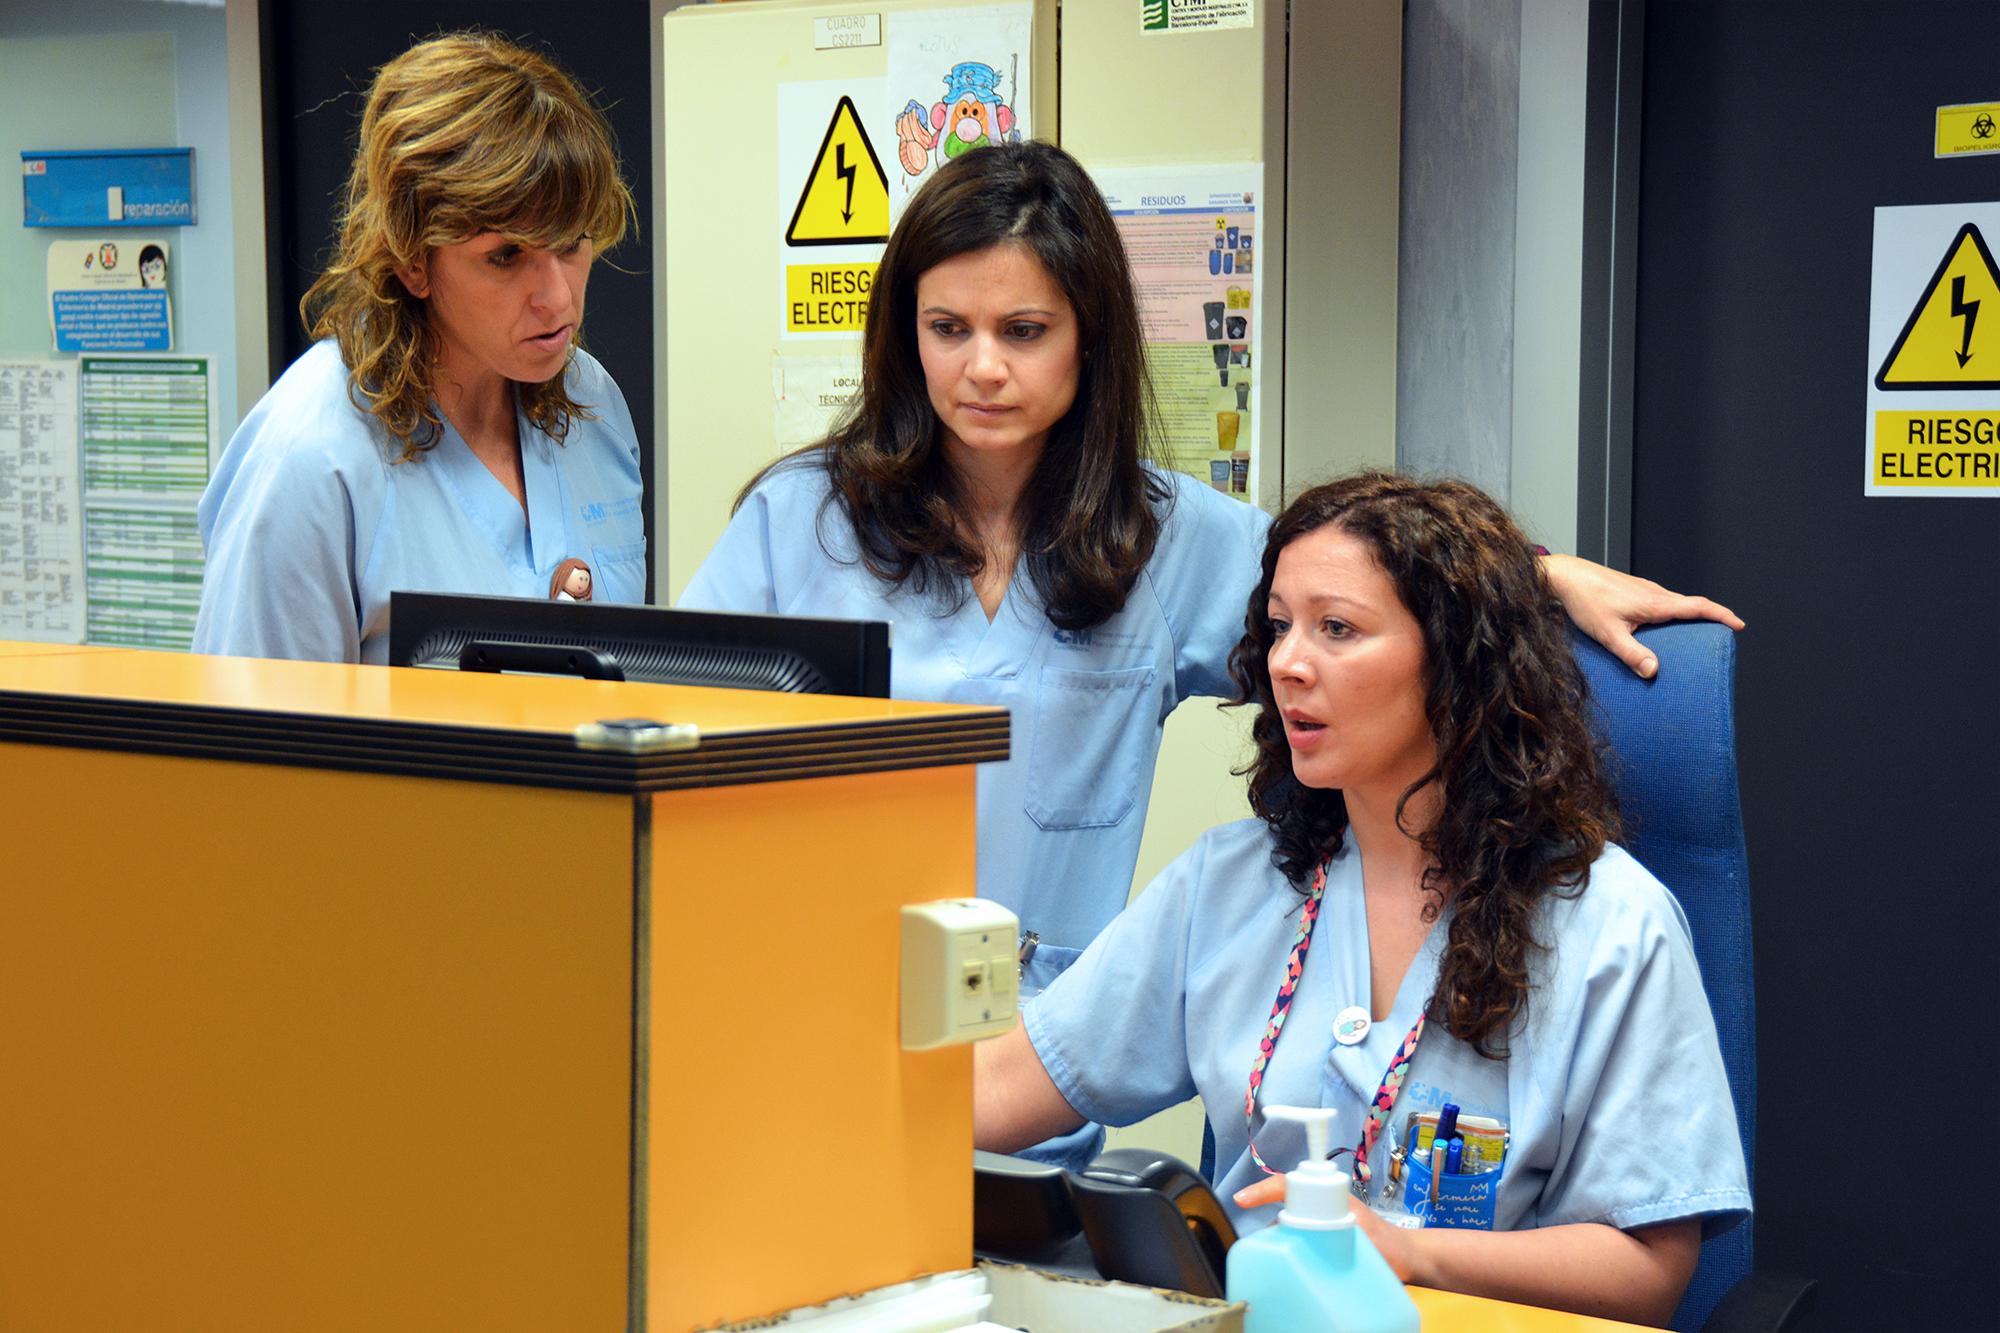 Implementar unidades multidisciplinares de heridas crónicas, asignatura pendiente